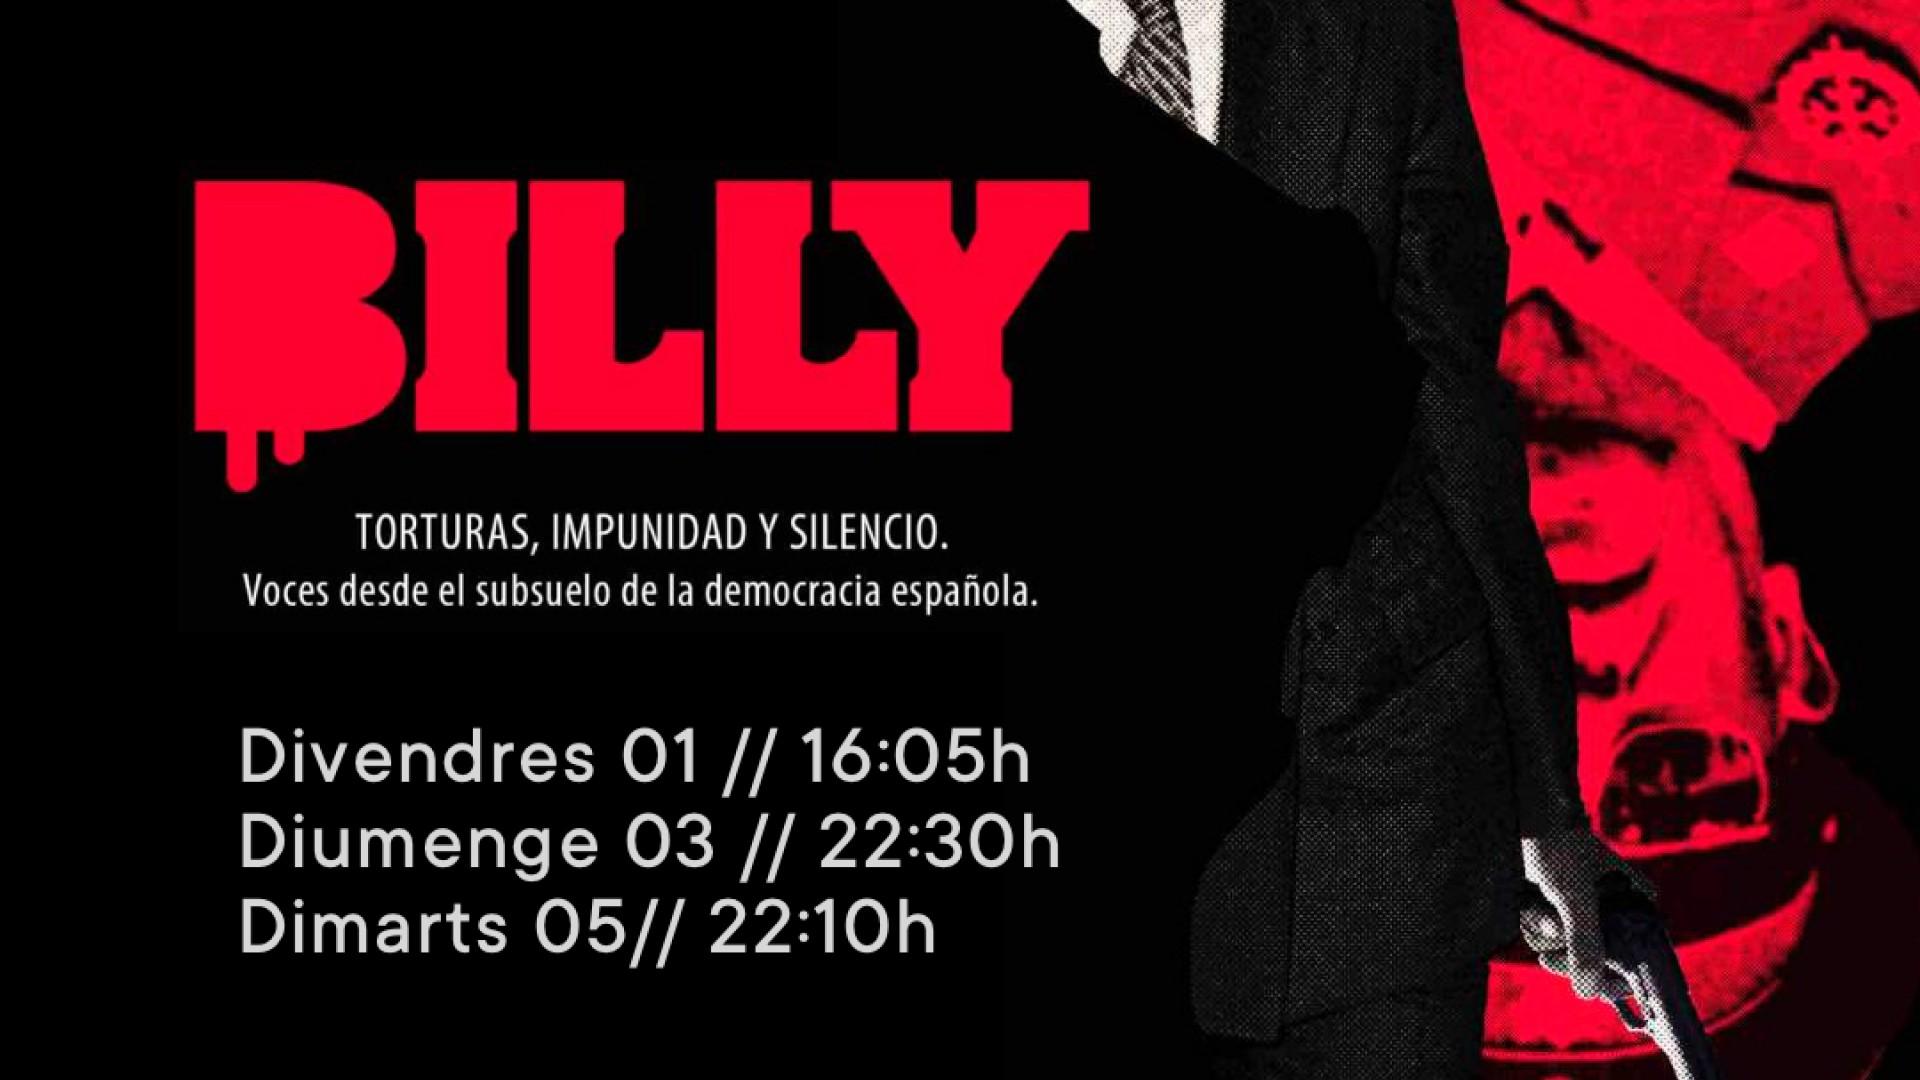 DESCOBRINT CINEMA - BILLY